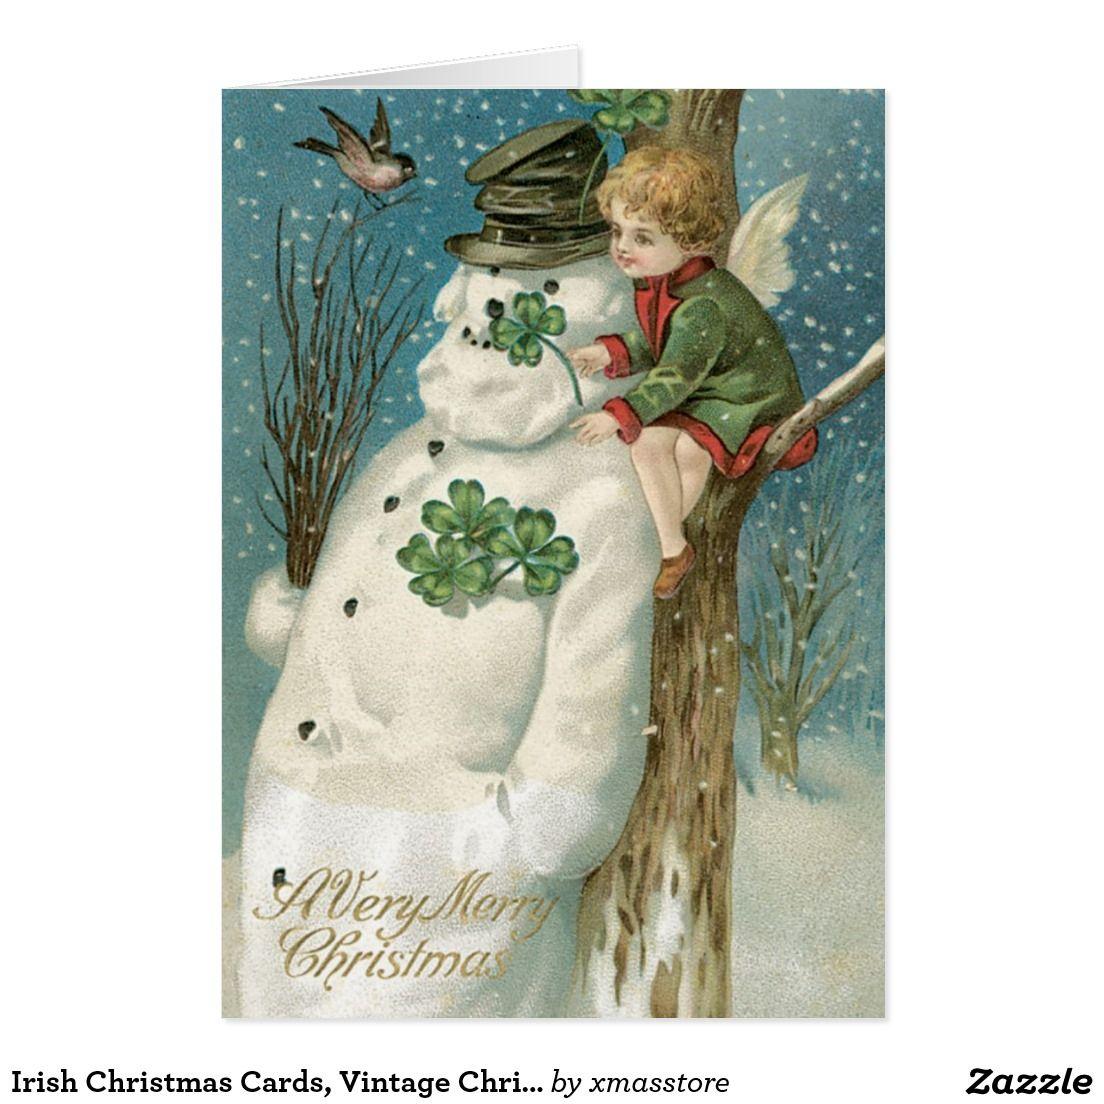 Irish Christmas Cards, Vintage Christmas Holiday Card | Christmas ...